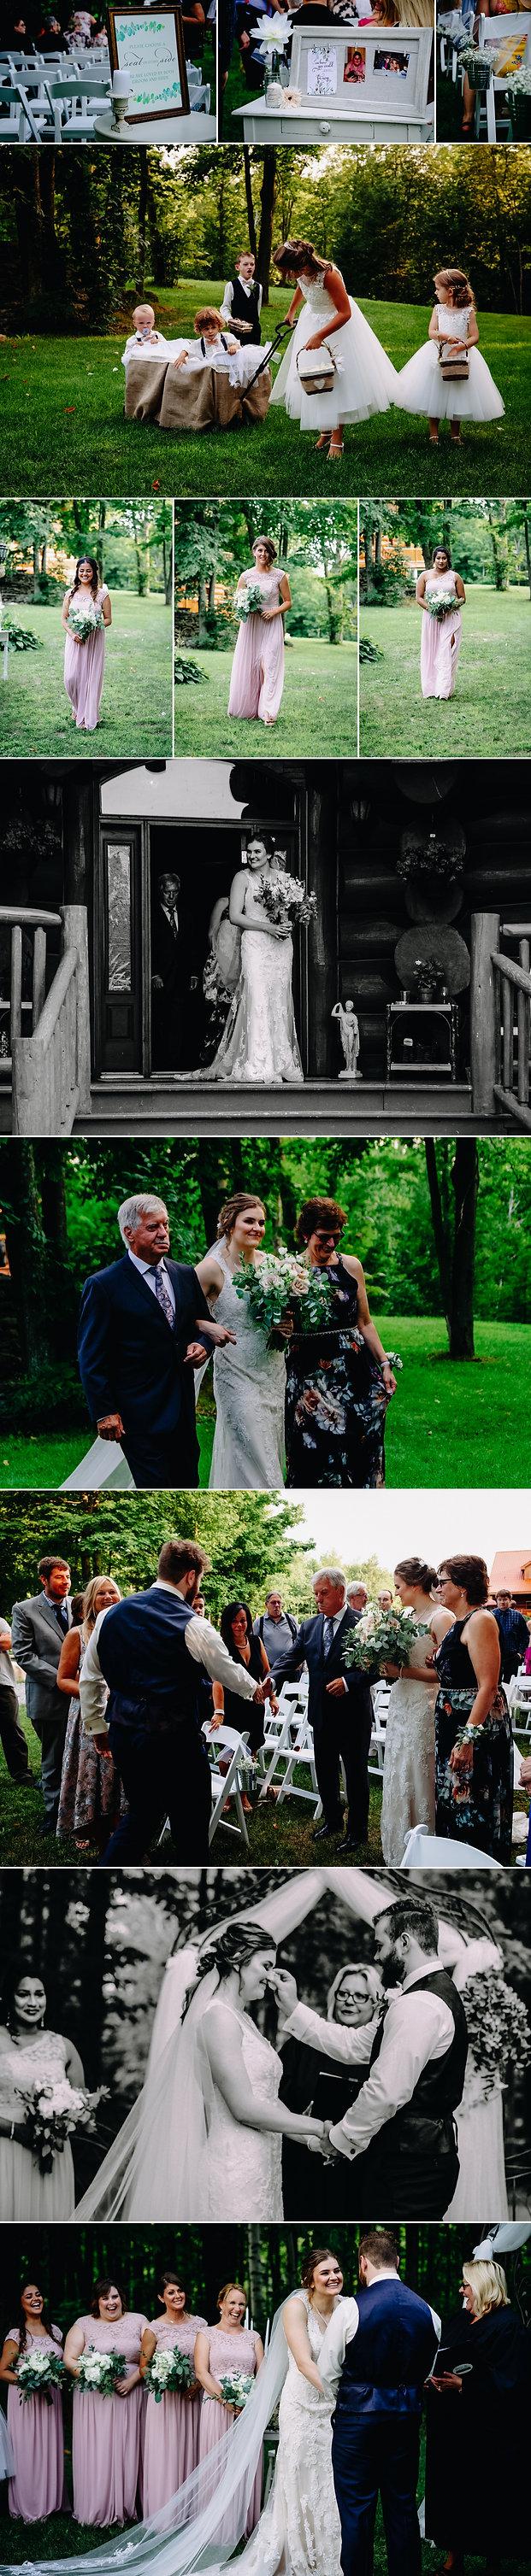 Kaylee collage cere-3.jpg